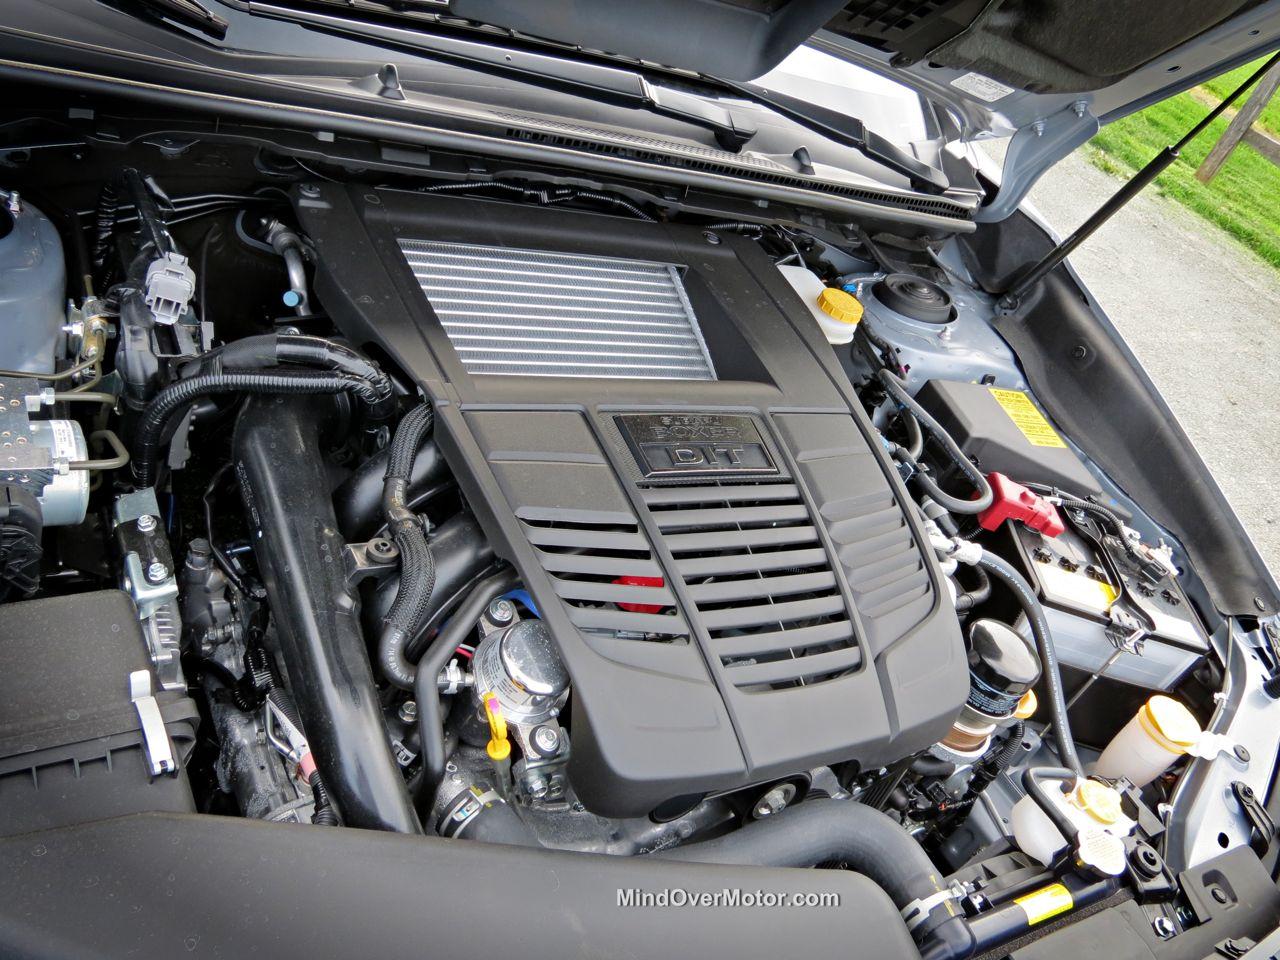 2015 Subaru WRX 2.0L Turbocharged Boxer 4 Engine